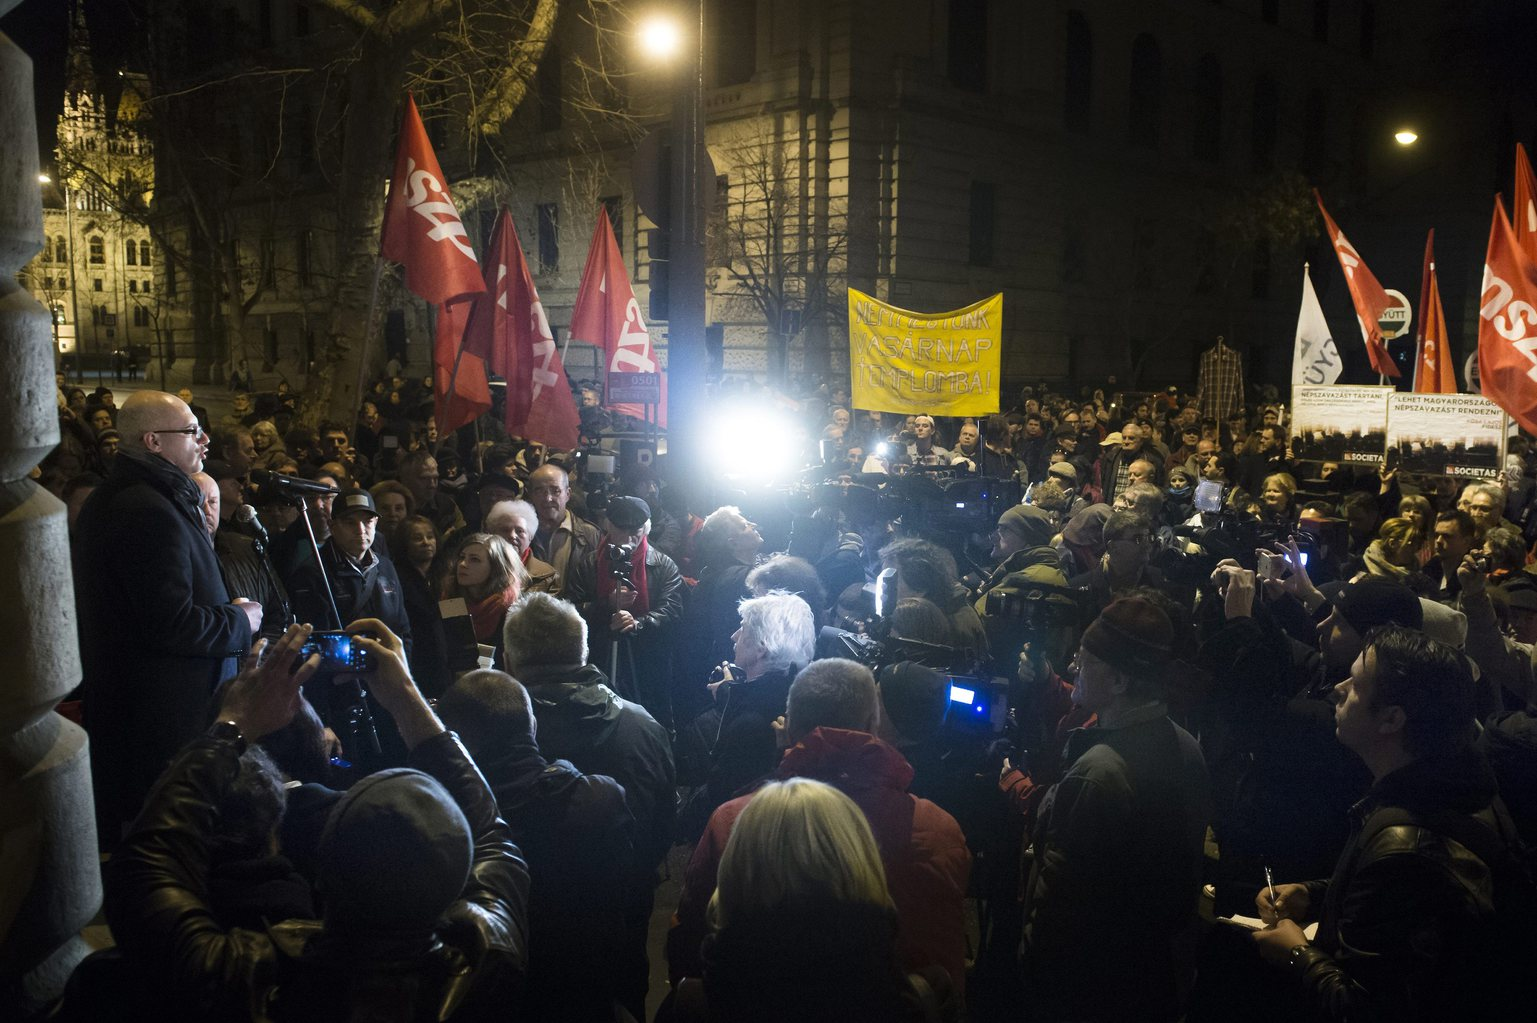 Tóbiás József, az MSZP elnöke (b) beszél a Nemzeti Választási Iroda (NVI) épülete előtti tüntetésen Budapesten 2016. február 23-án. Ezen a napon egy magánszemély megelőzte az MSZP-t a vasárnapi boltzárvatartás eltörléséről szóló népszavazási kérdésük leadásakor. MTI Fotó: Koszticsák Szilárd